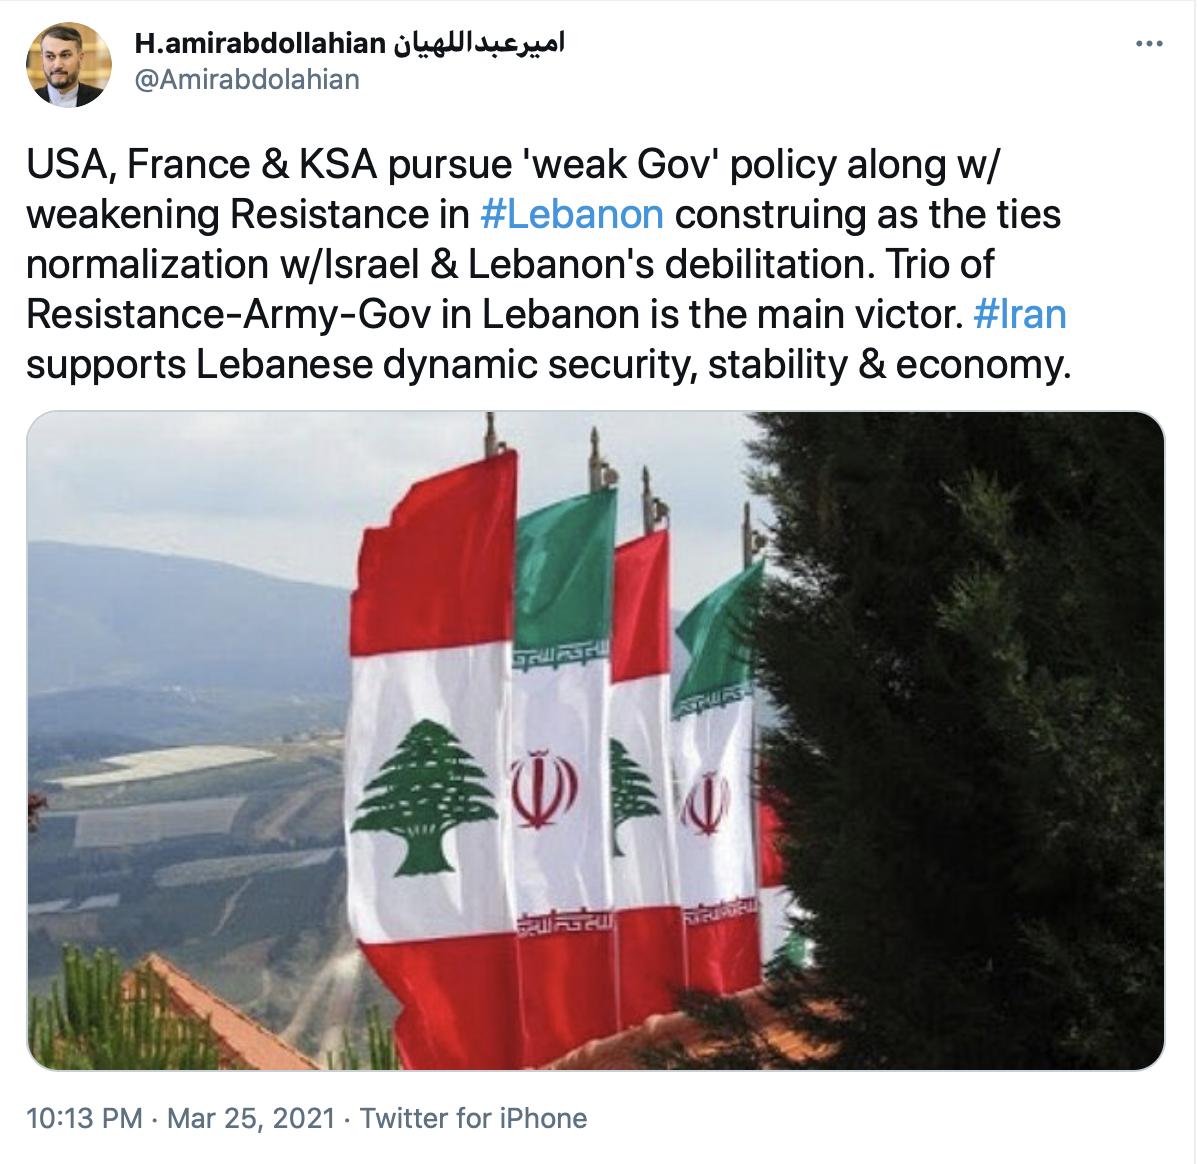 ایران از امنیت، ثبات و اقتصاد پویای لبنان قویاً حمایت میکند